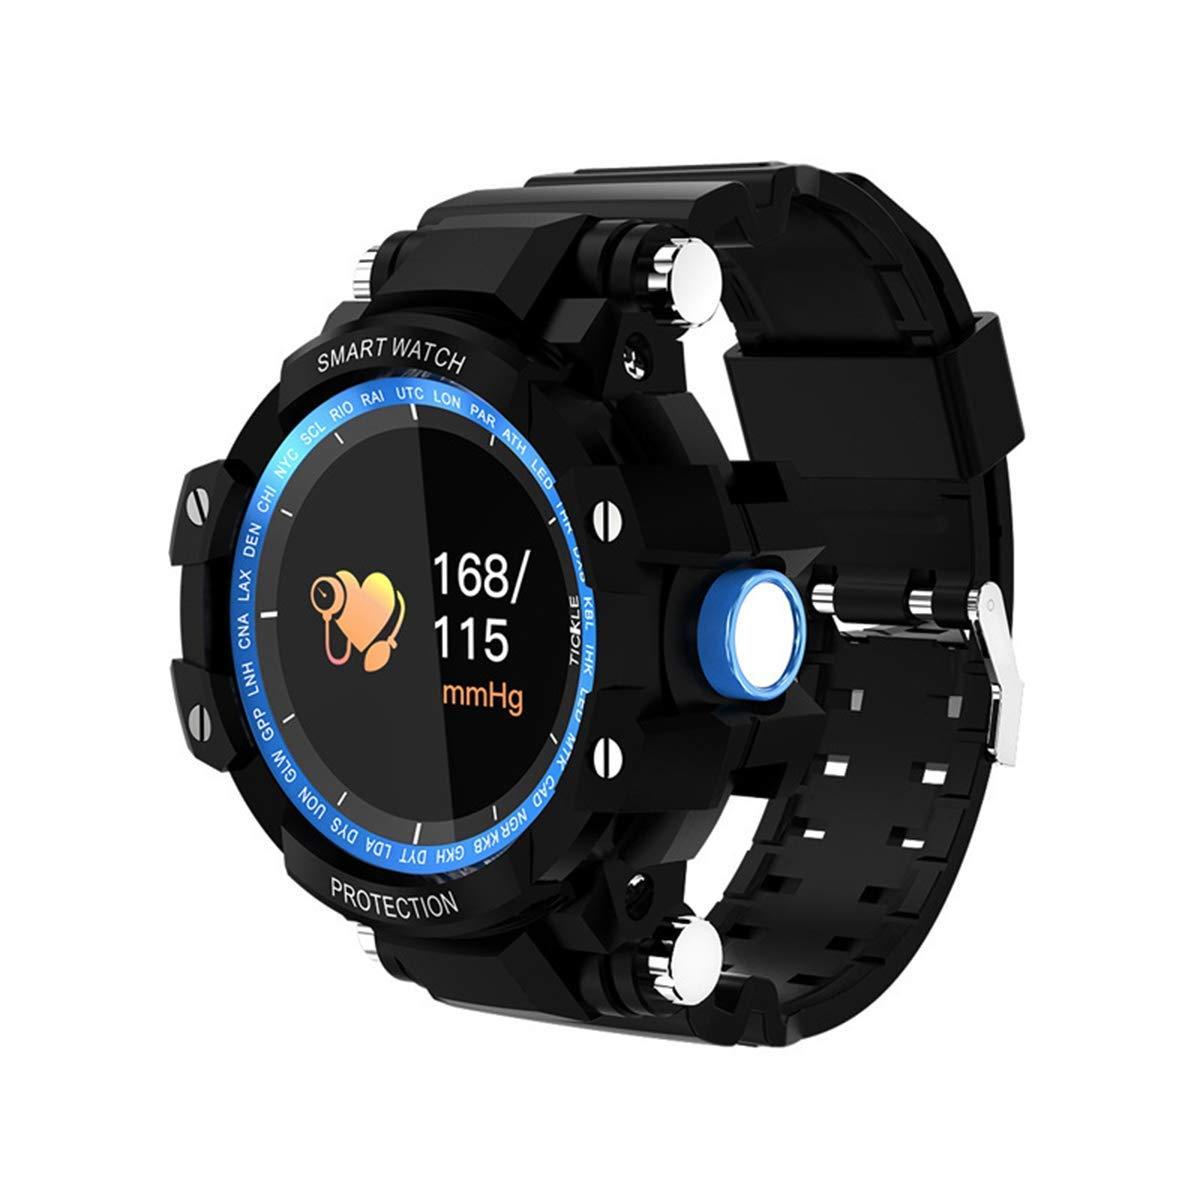 Bleu YSCYLY Fitness Tracker Bracelet Moniteur de fréquence Cardiaque Activité IP67 Podomètre étanche Trackers intelligents pour Android iOS